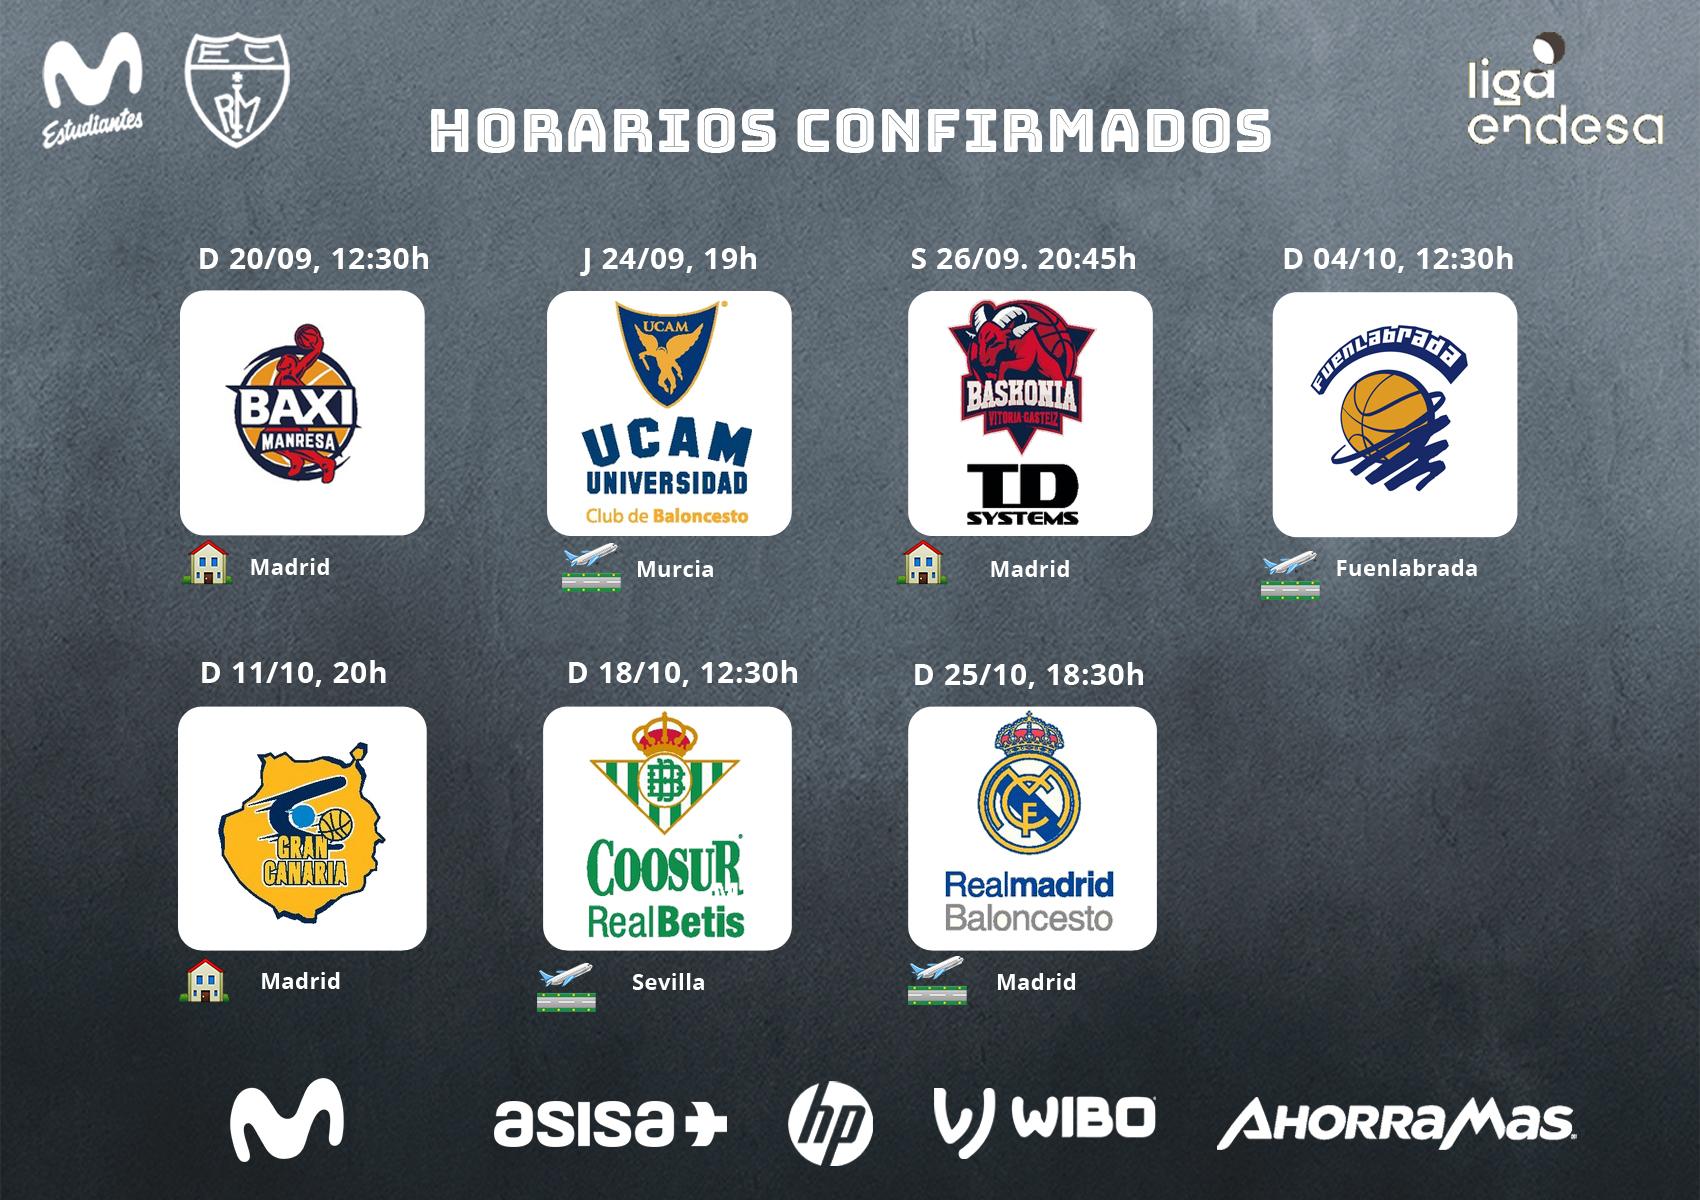 Calendario Liga Endesa 2020-21